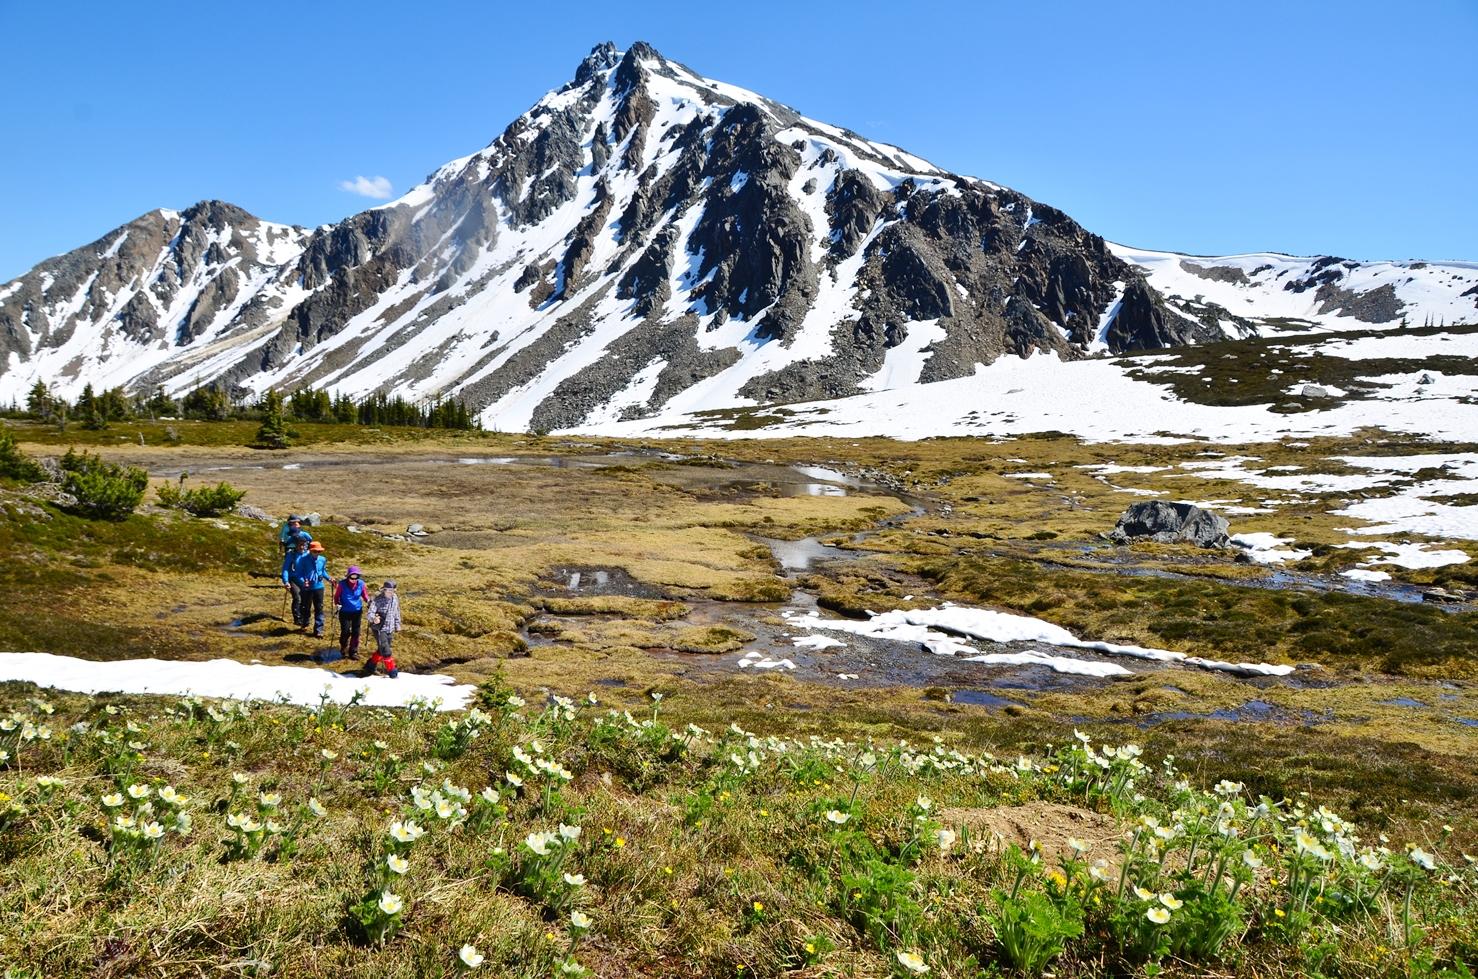 雪解けとともに咲き出す高山植物の群落